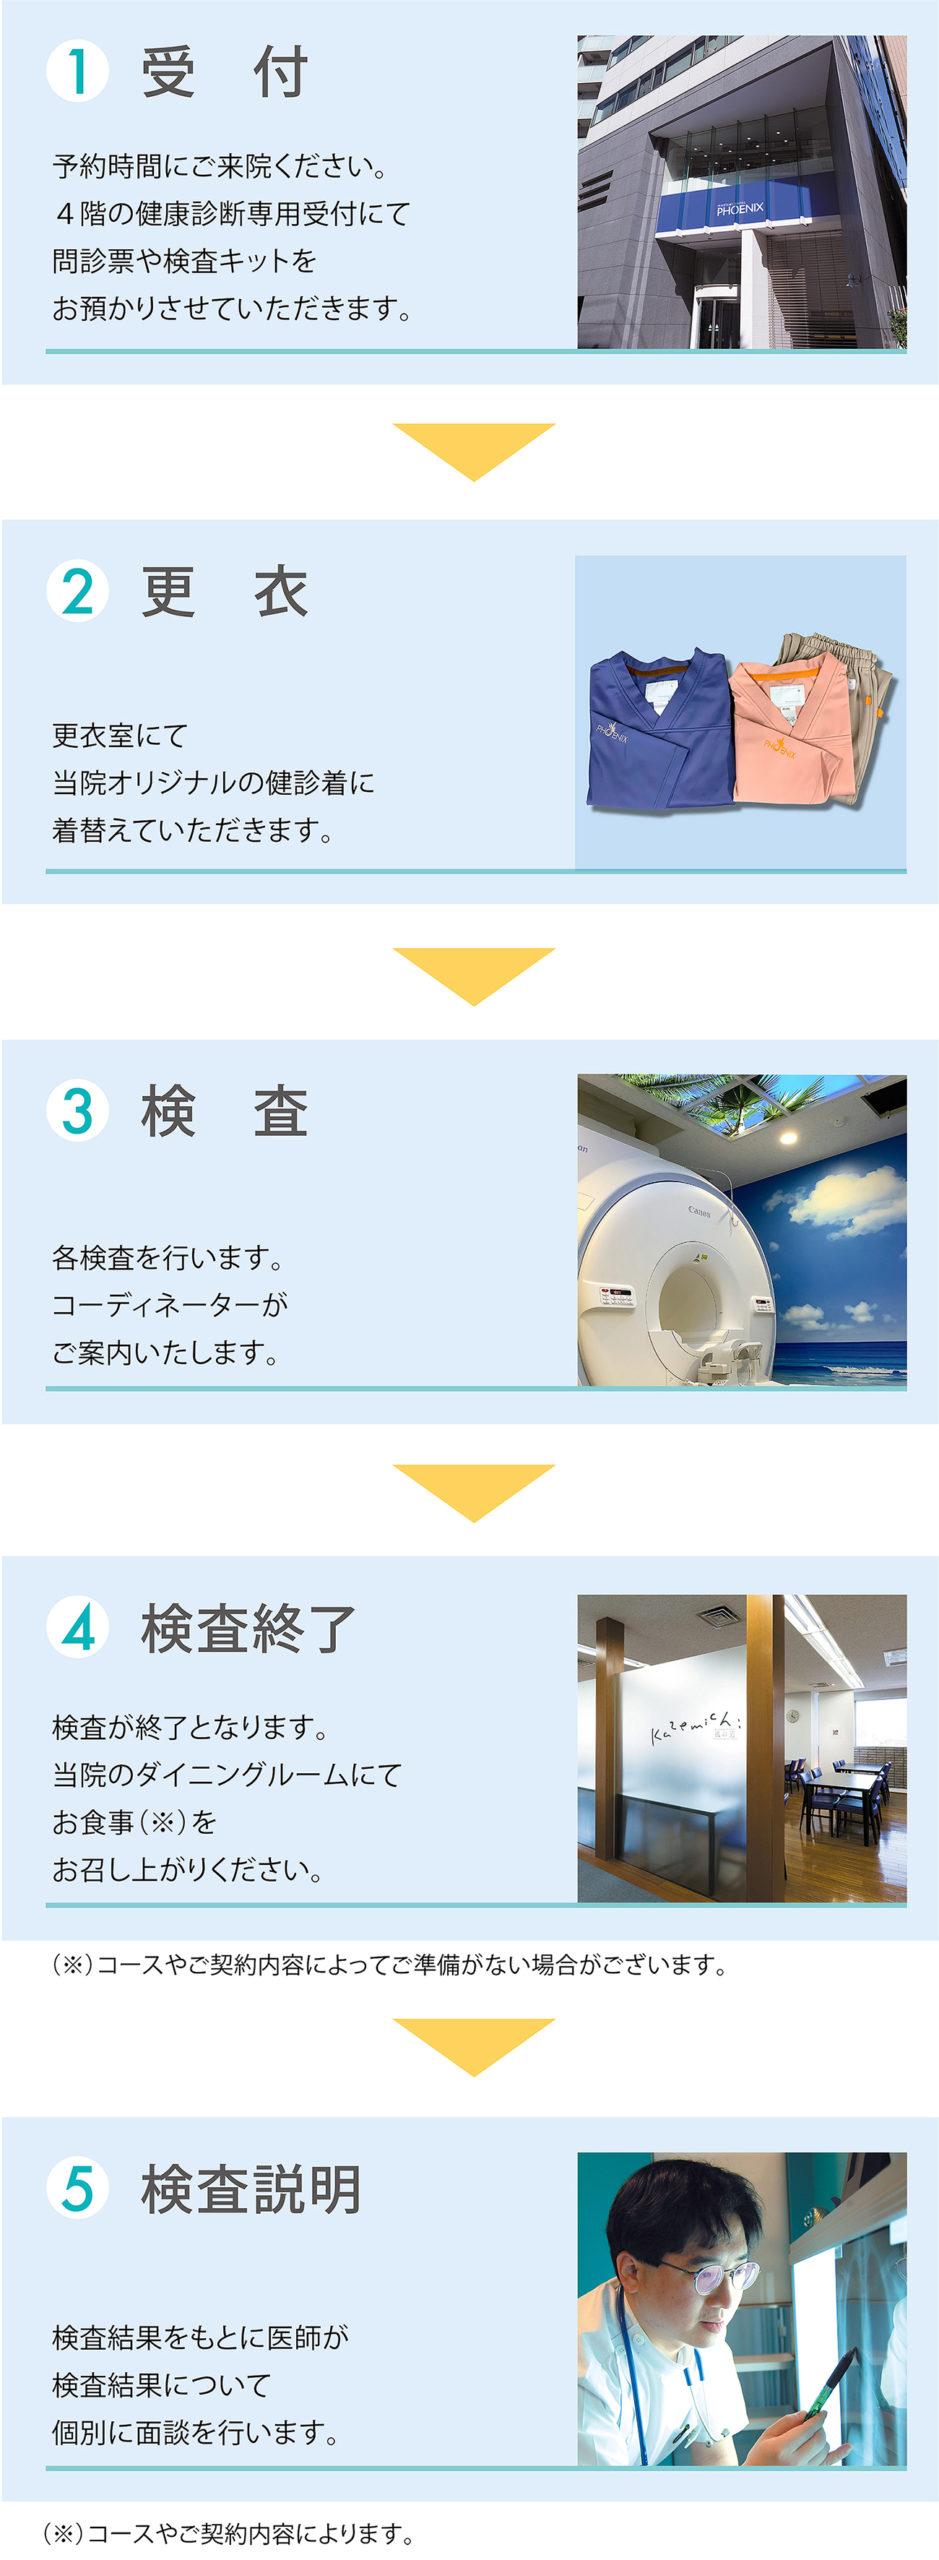 1 受付 → 2 更衣 → 3 検査 → 4 検査終了 → 5 検査説明